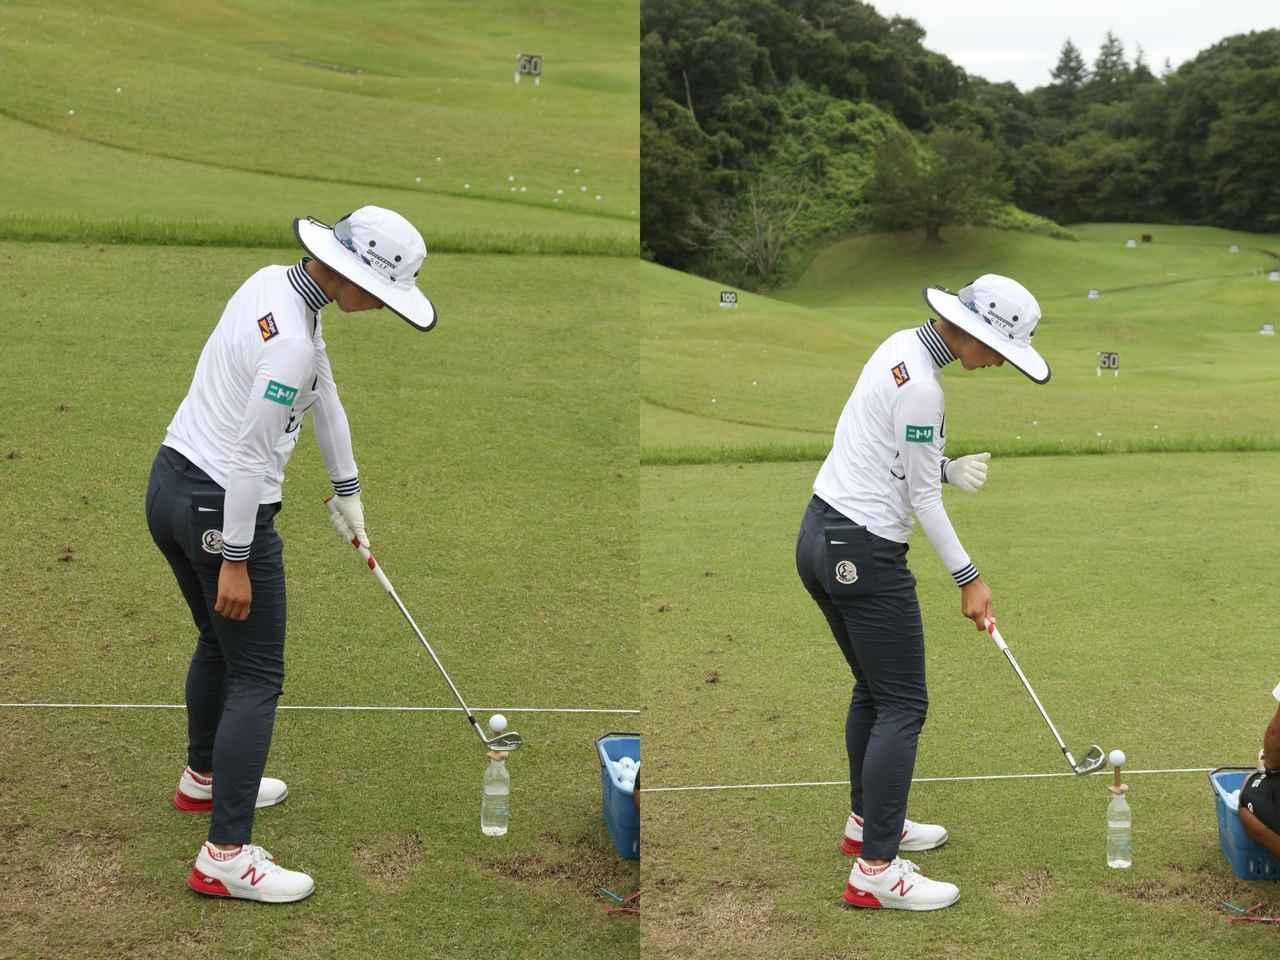 画像: 左手一本(写真左)、右手一本(写真右)など、工夫して練習している